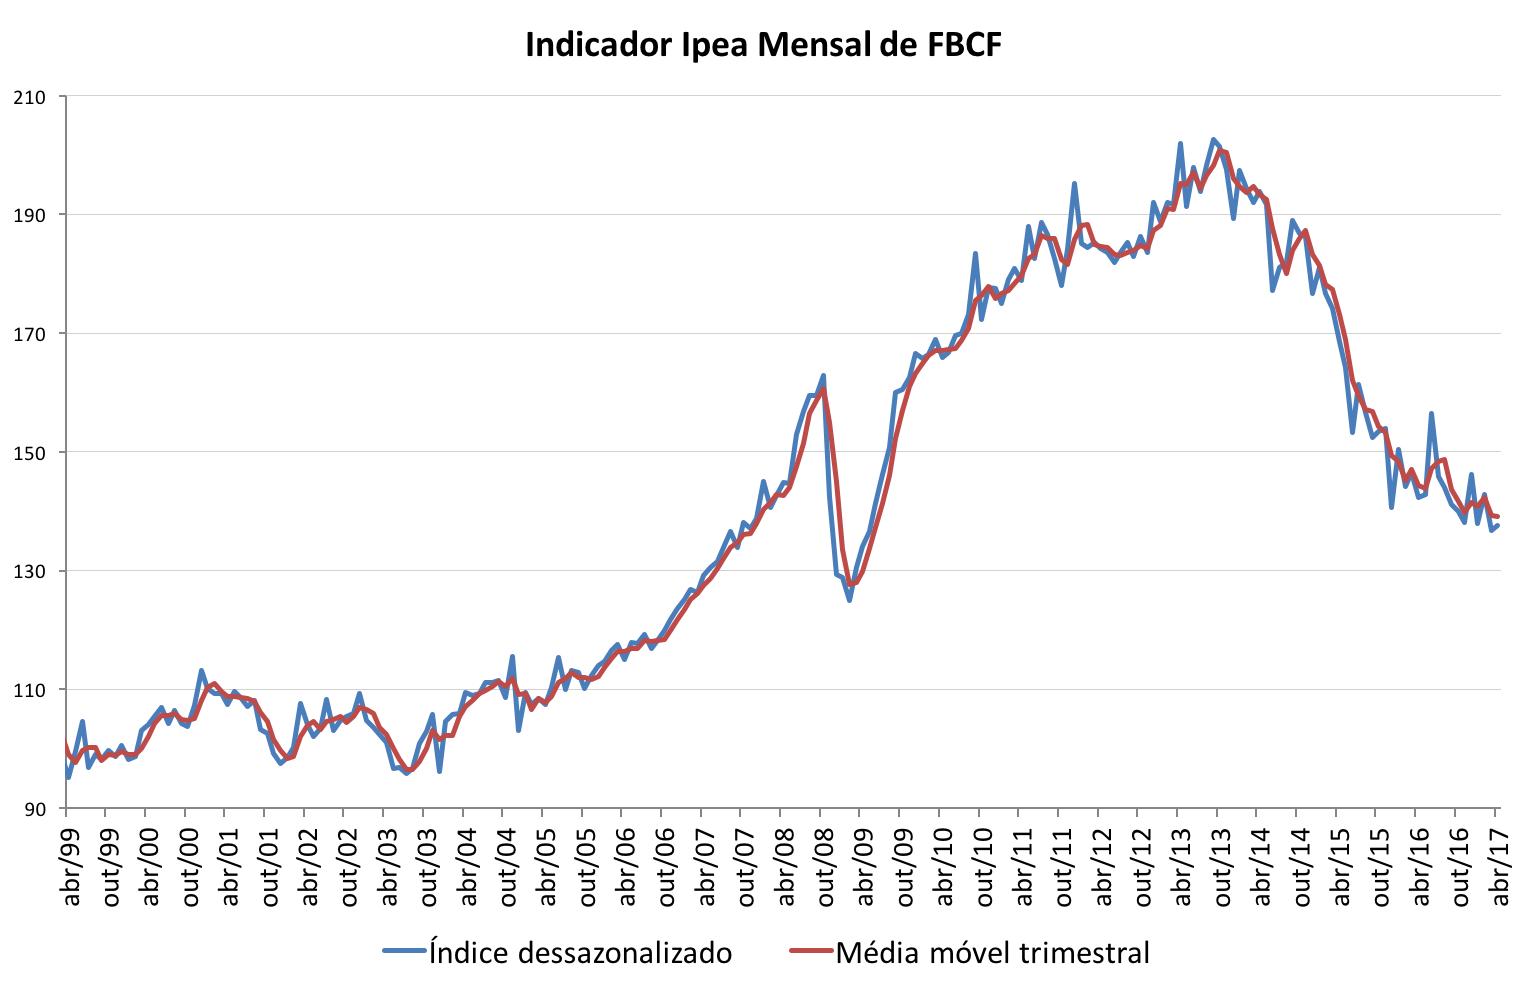 Gráfico indicador Ipea FBCF abr16